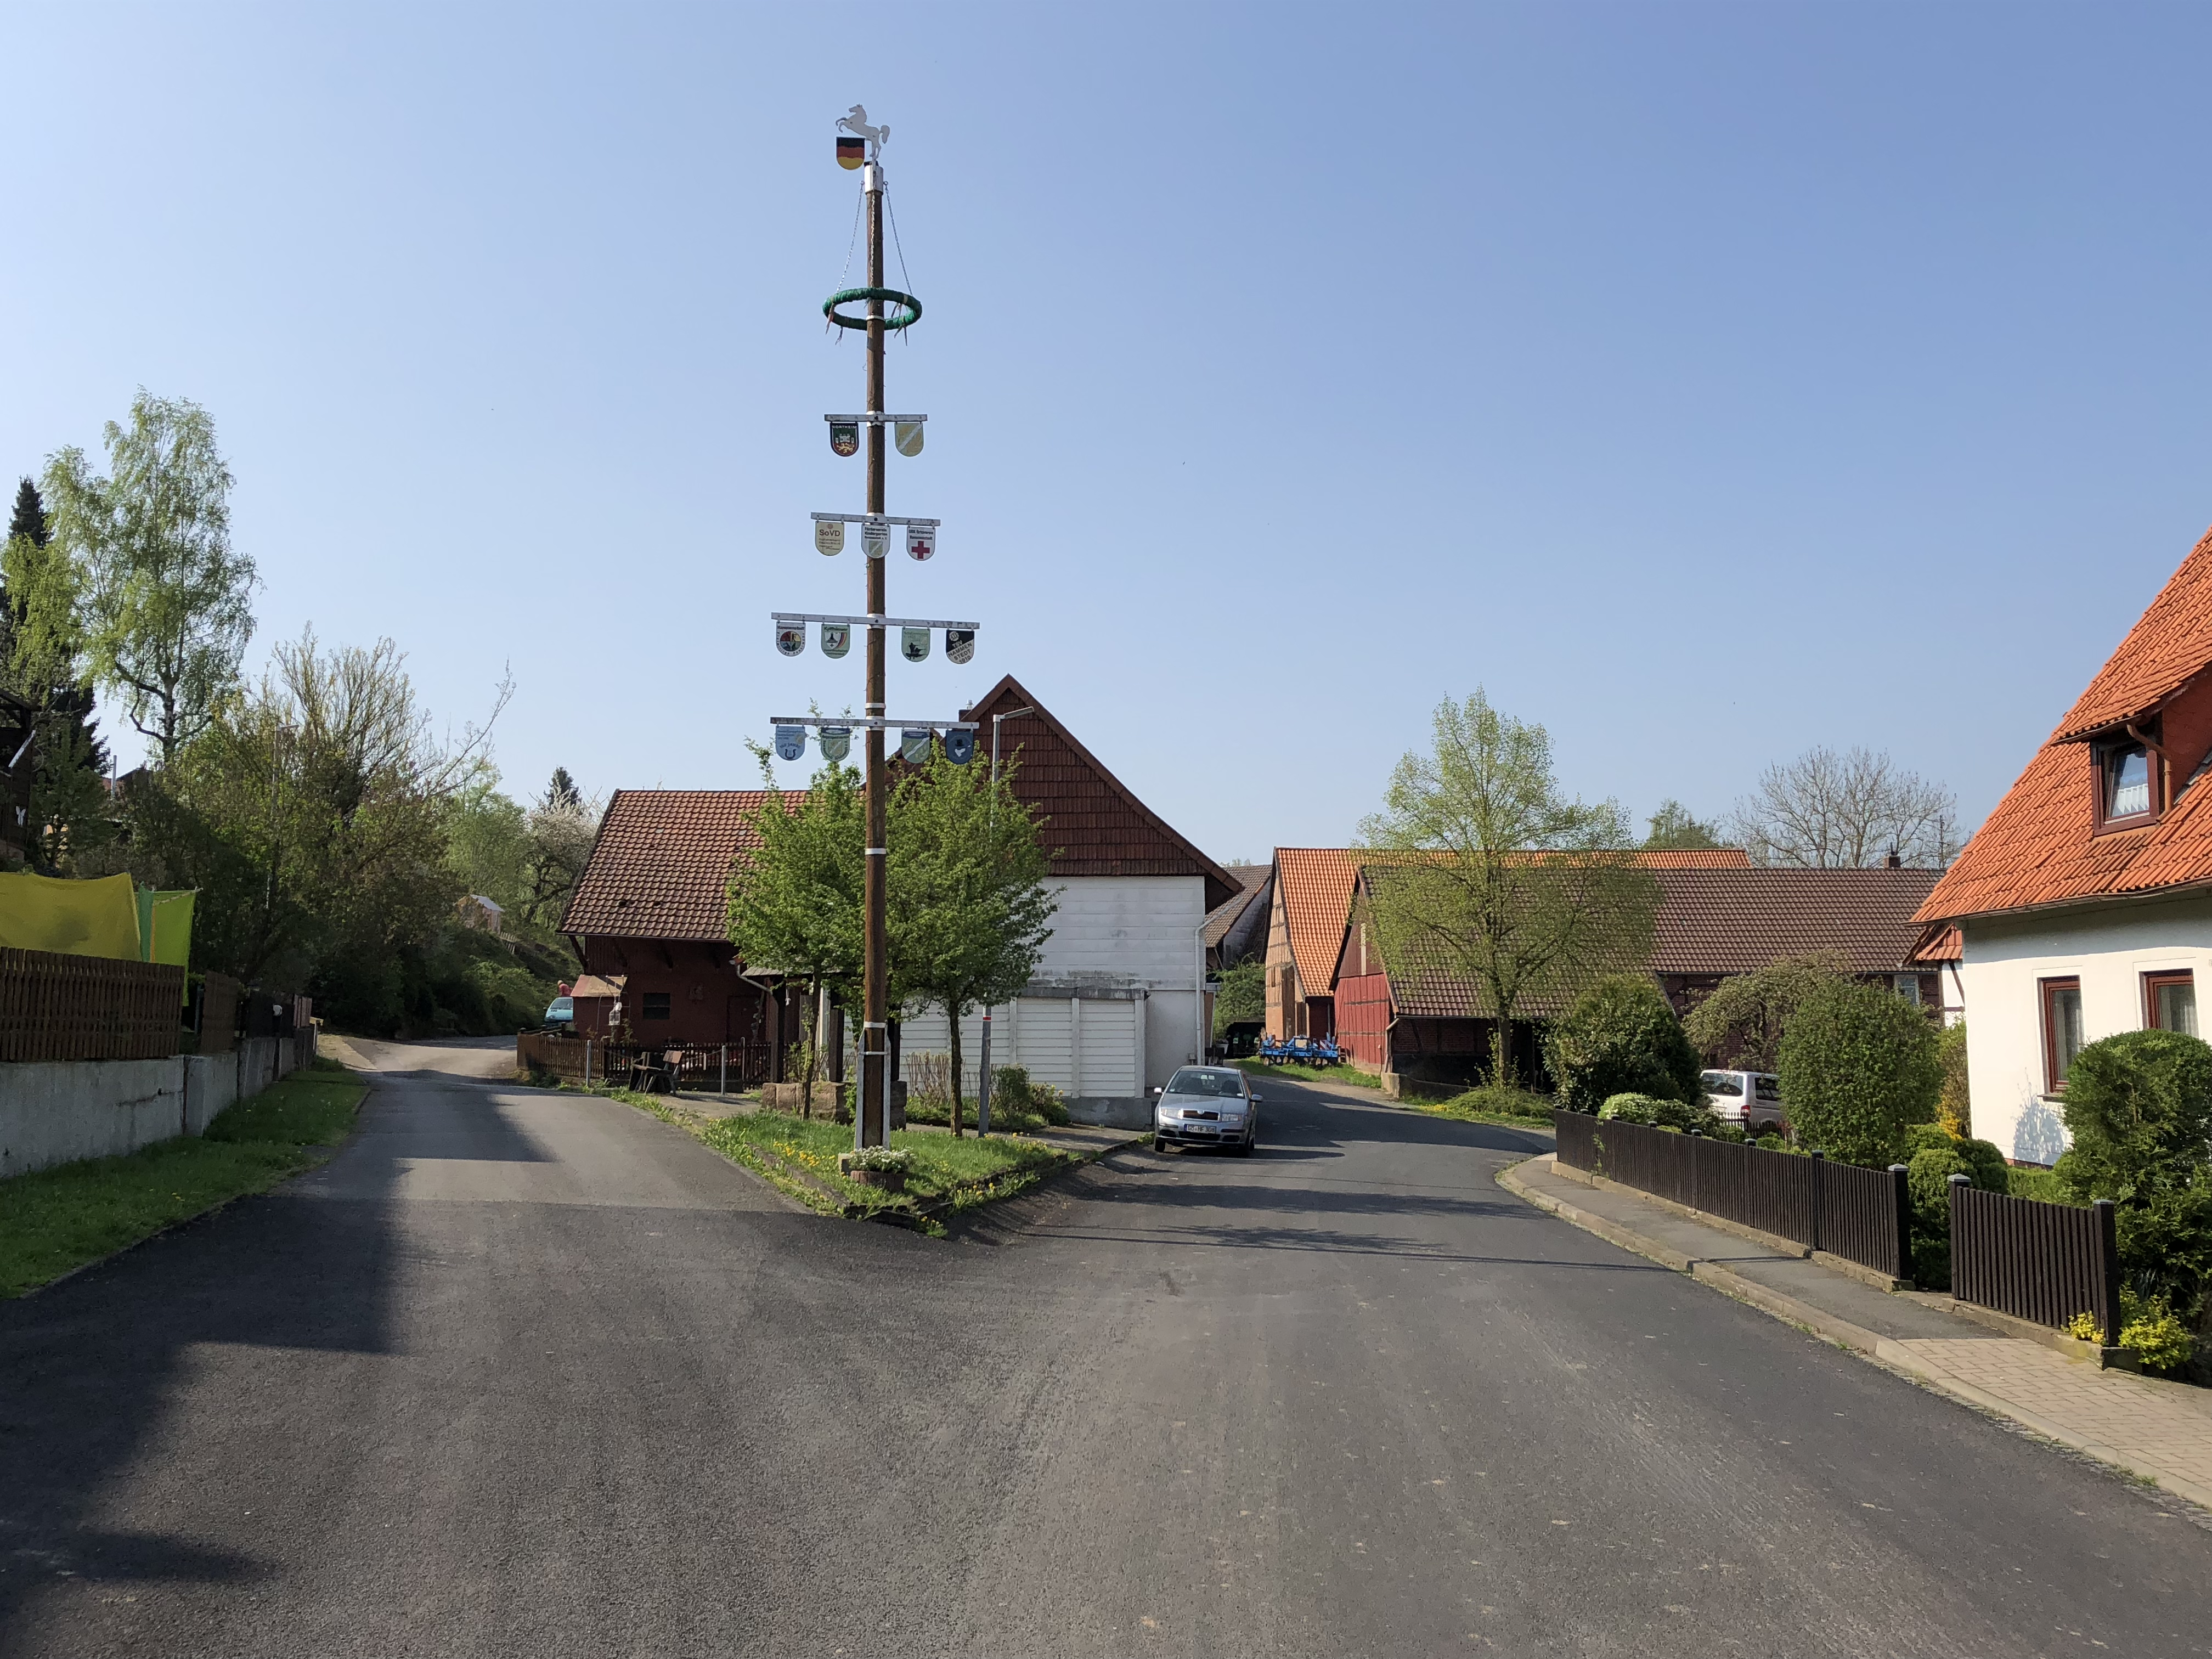 Maibaum Hammenstedt